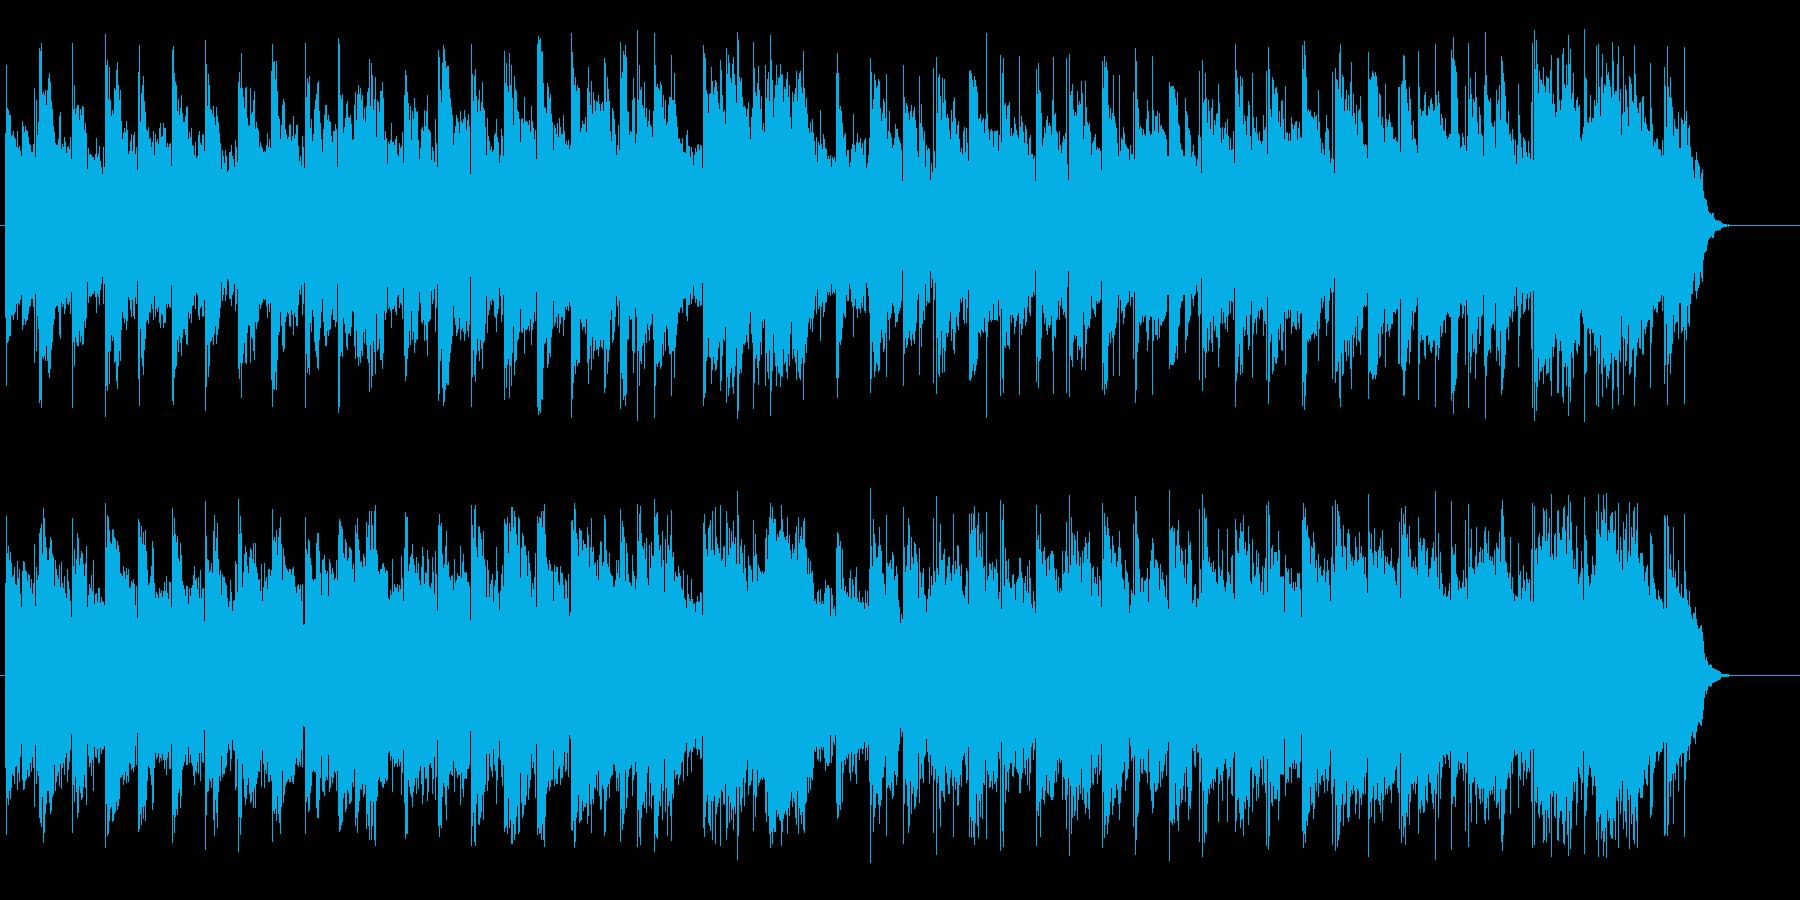 落着いた和風のマイナーポップスの再生済みの波形